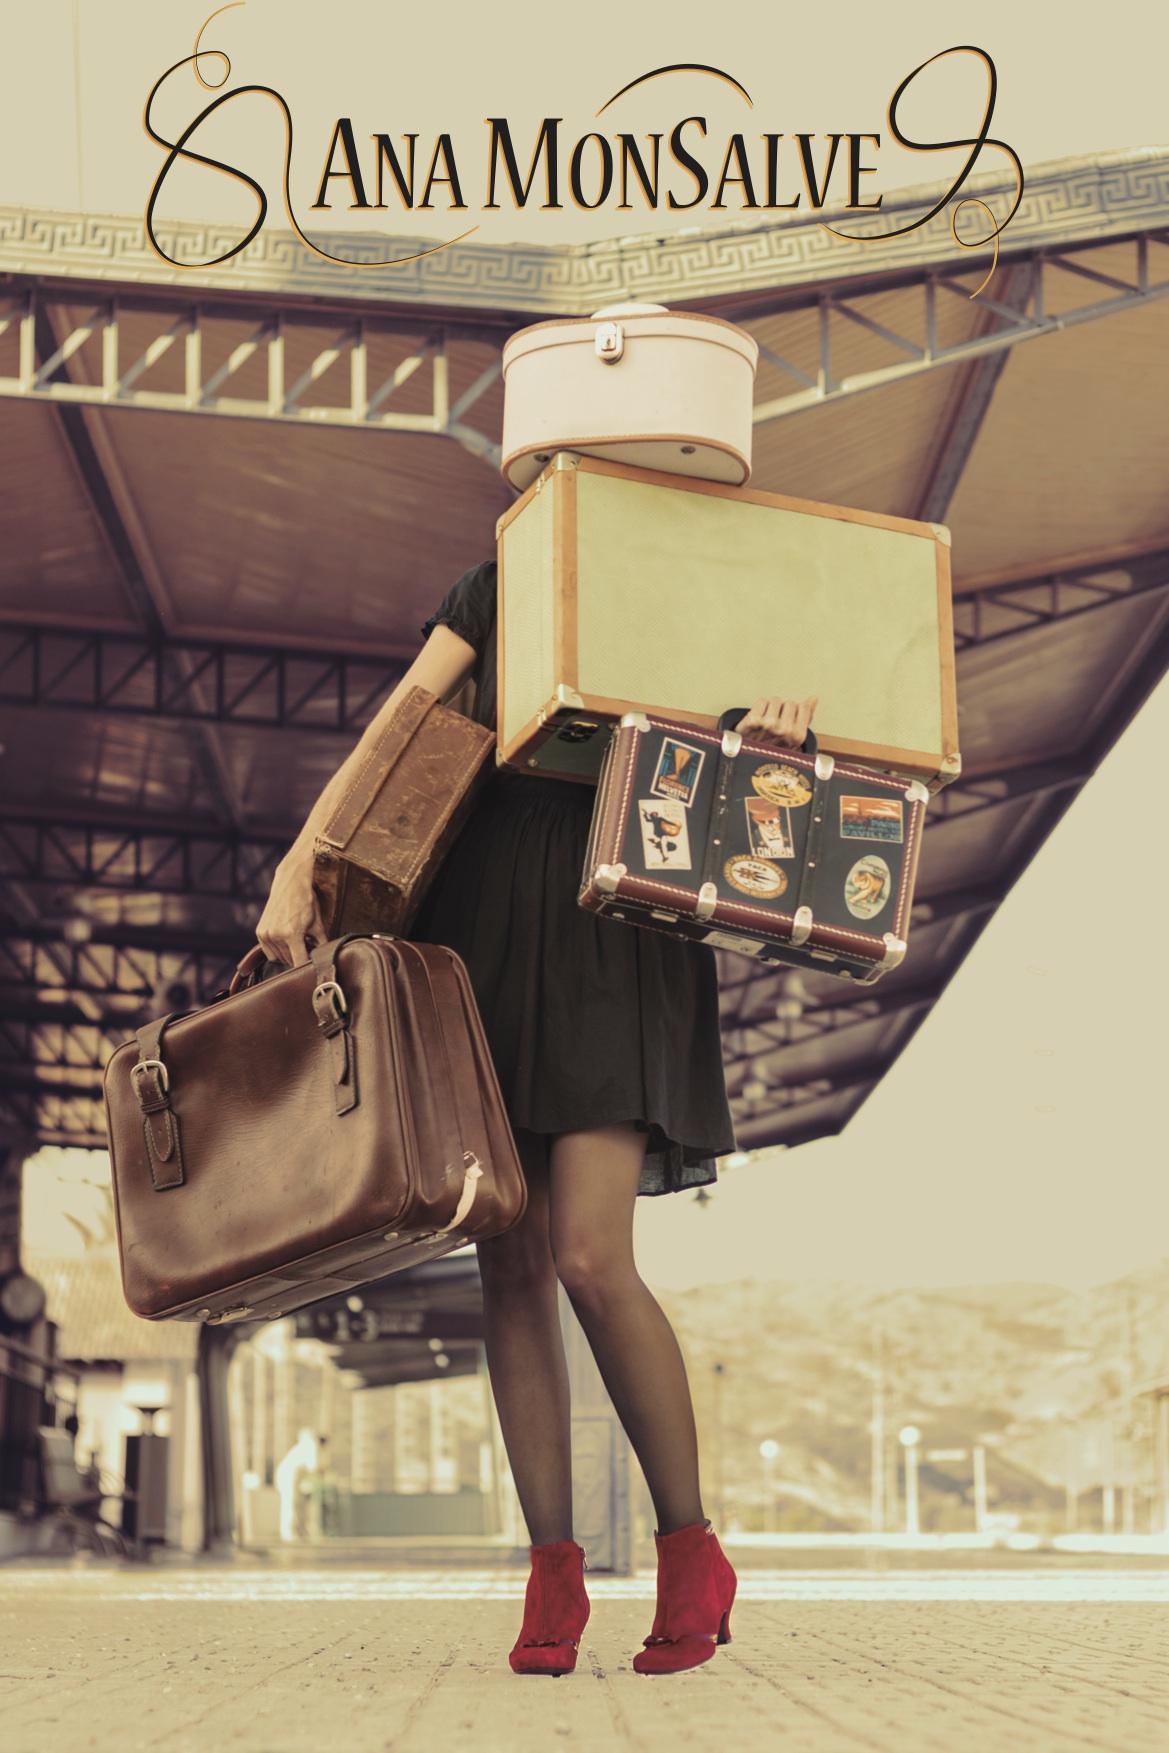 Chica en vias del tren